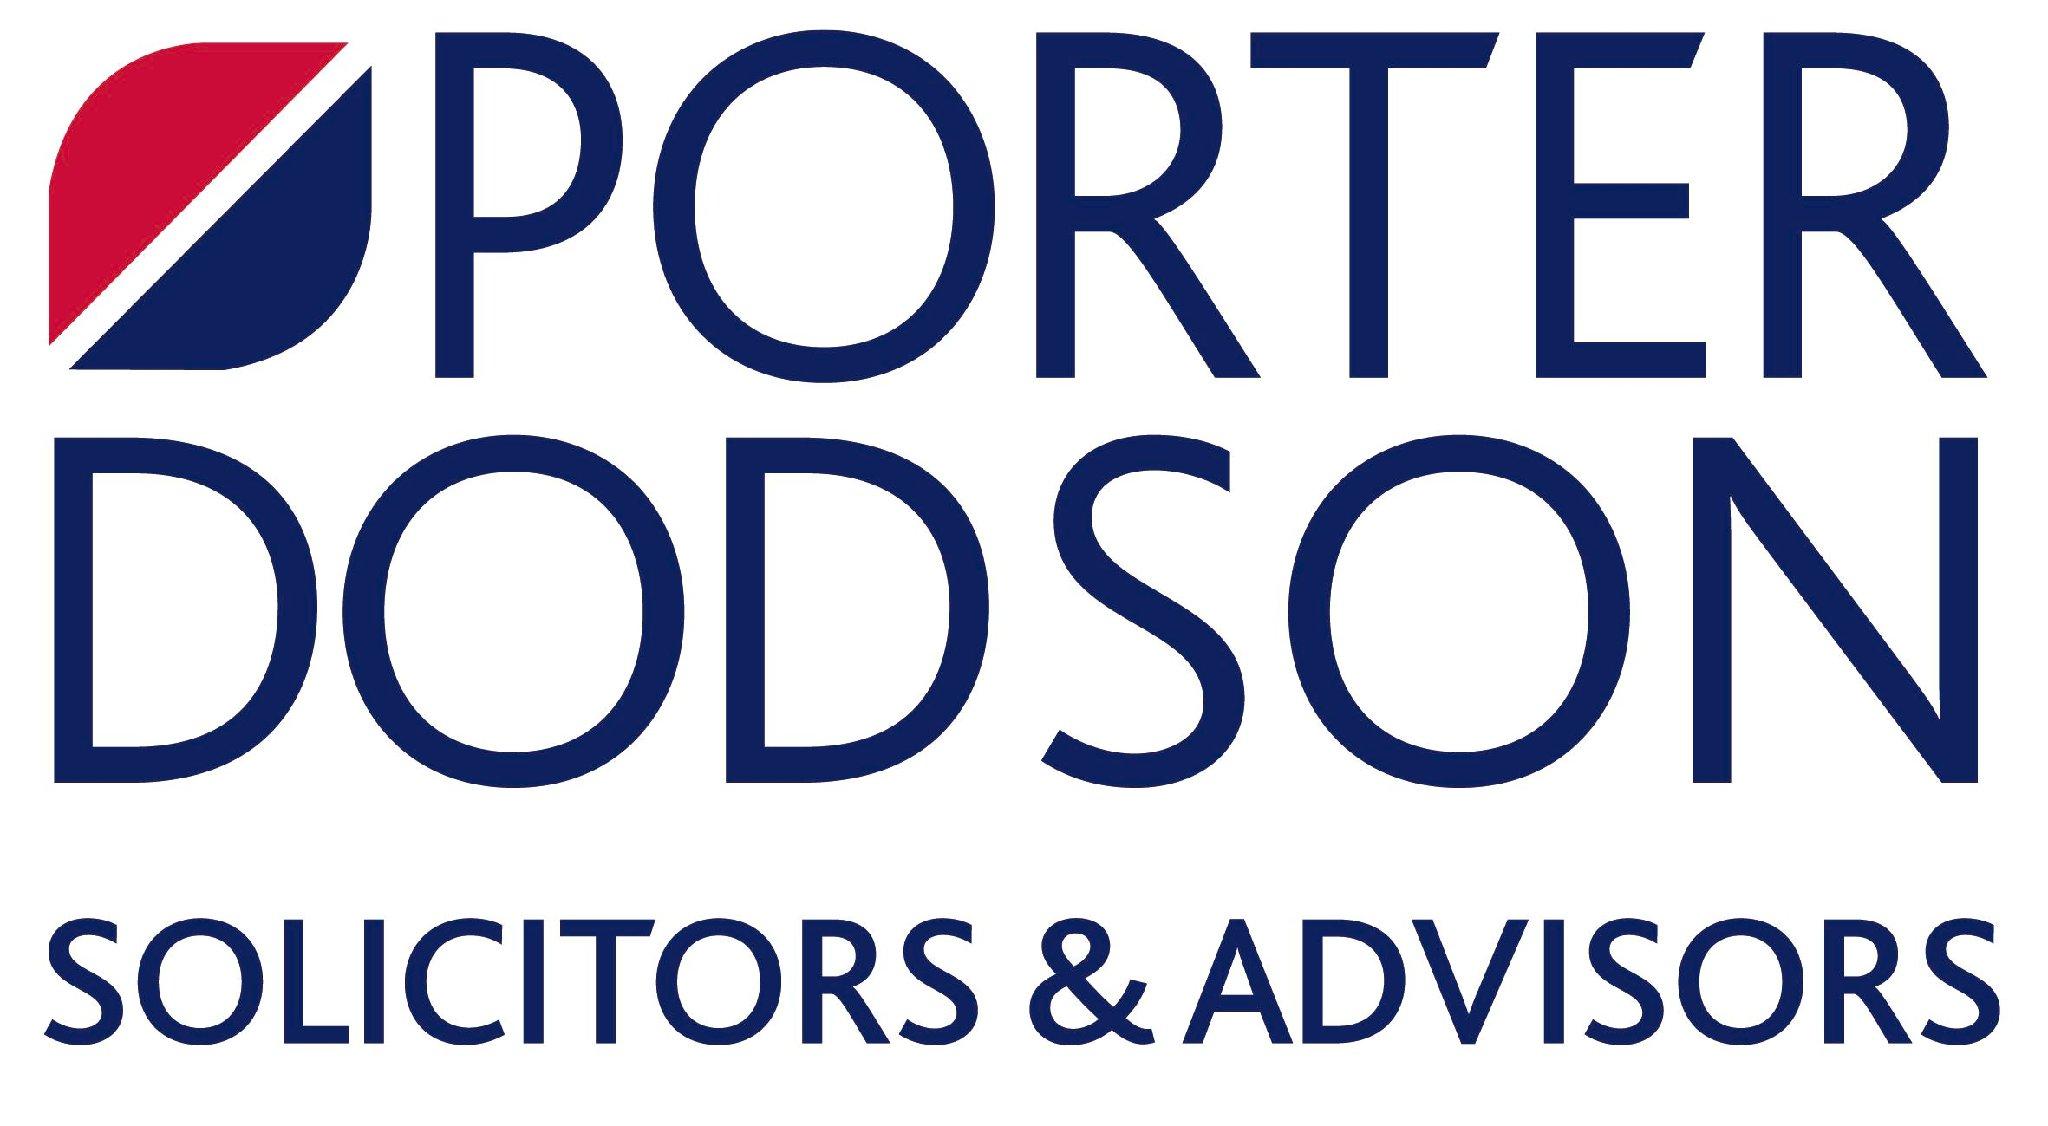 porter dodson logo.jpg